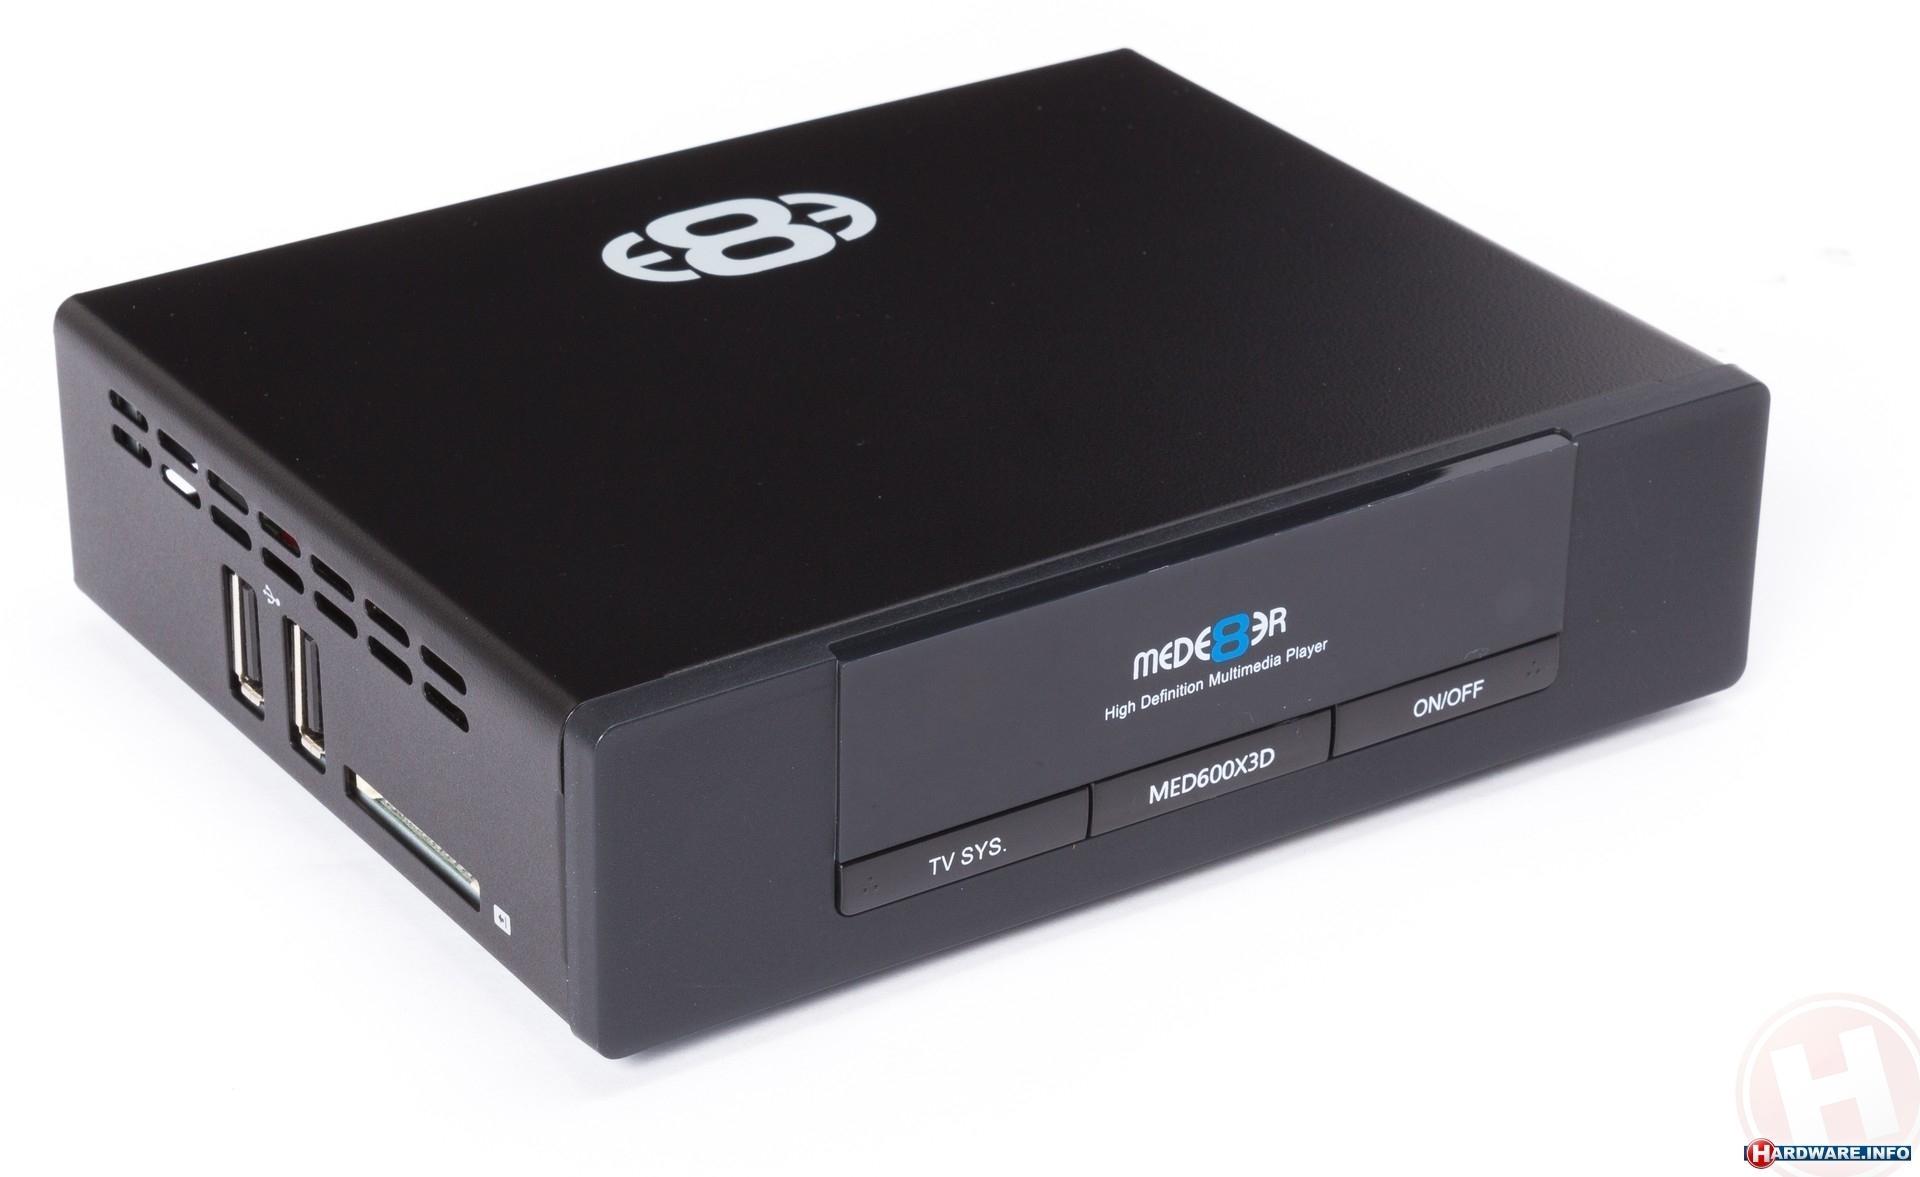 Мултимедиен плеър MED600X3D High Definition 3D - без диск